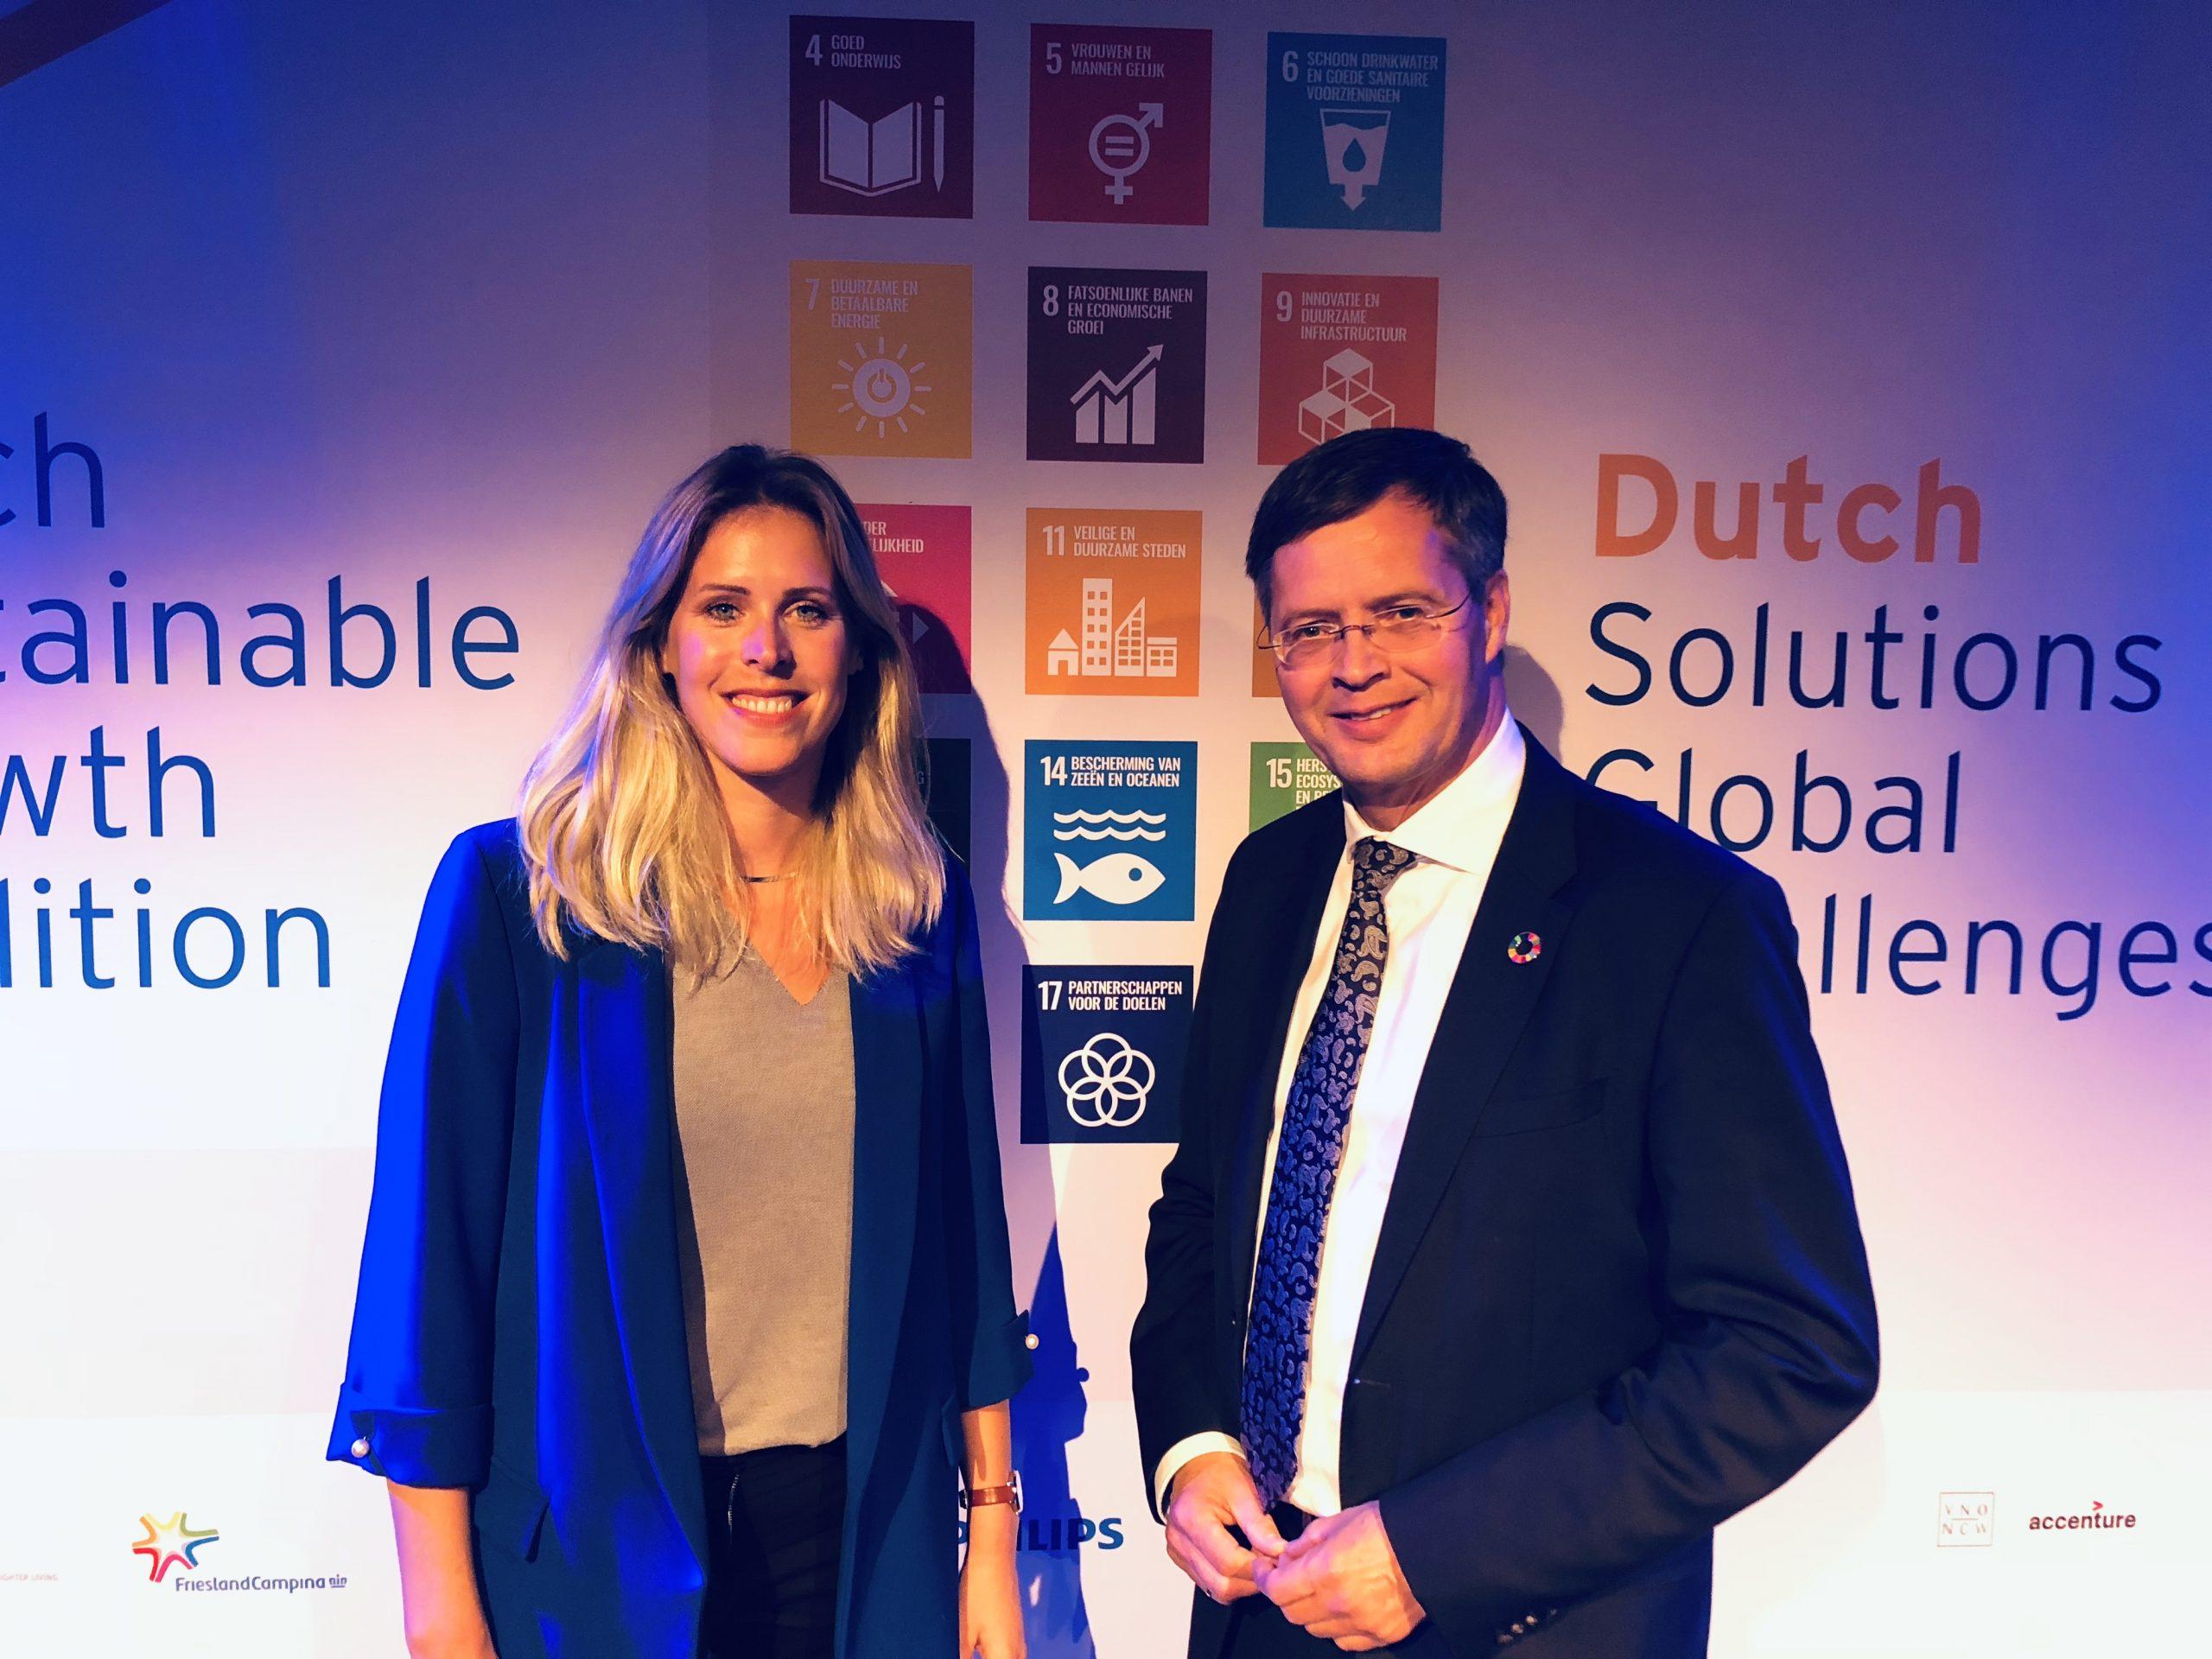 Janne Vereijken Jan Peter Balkenende Sustainable Development Goals